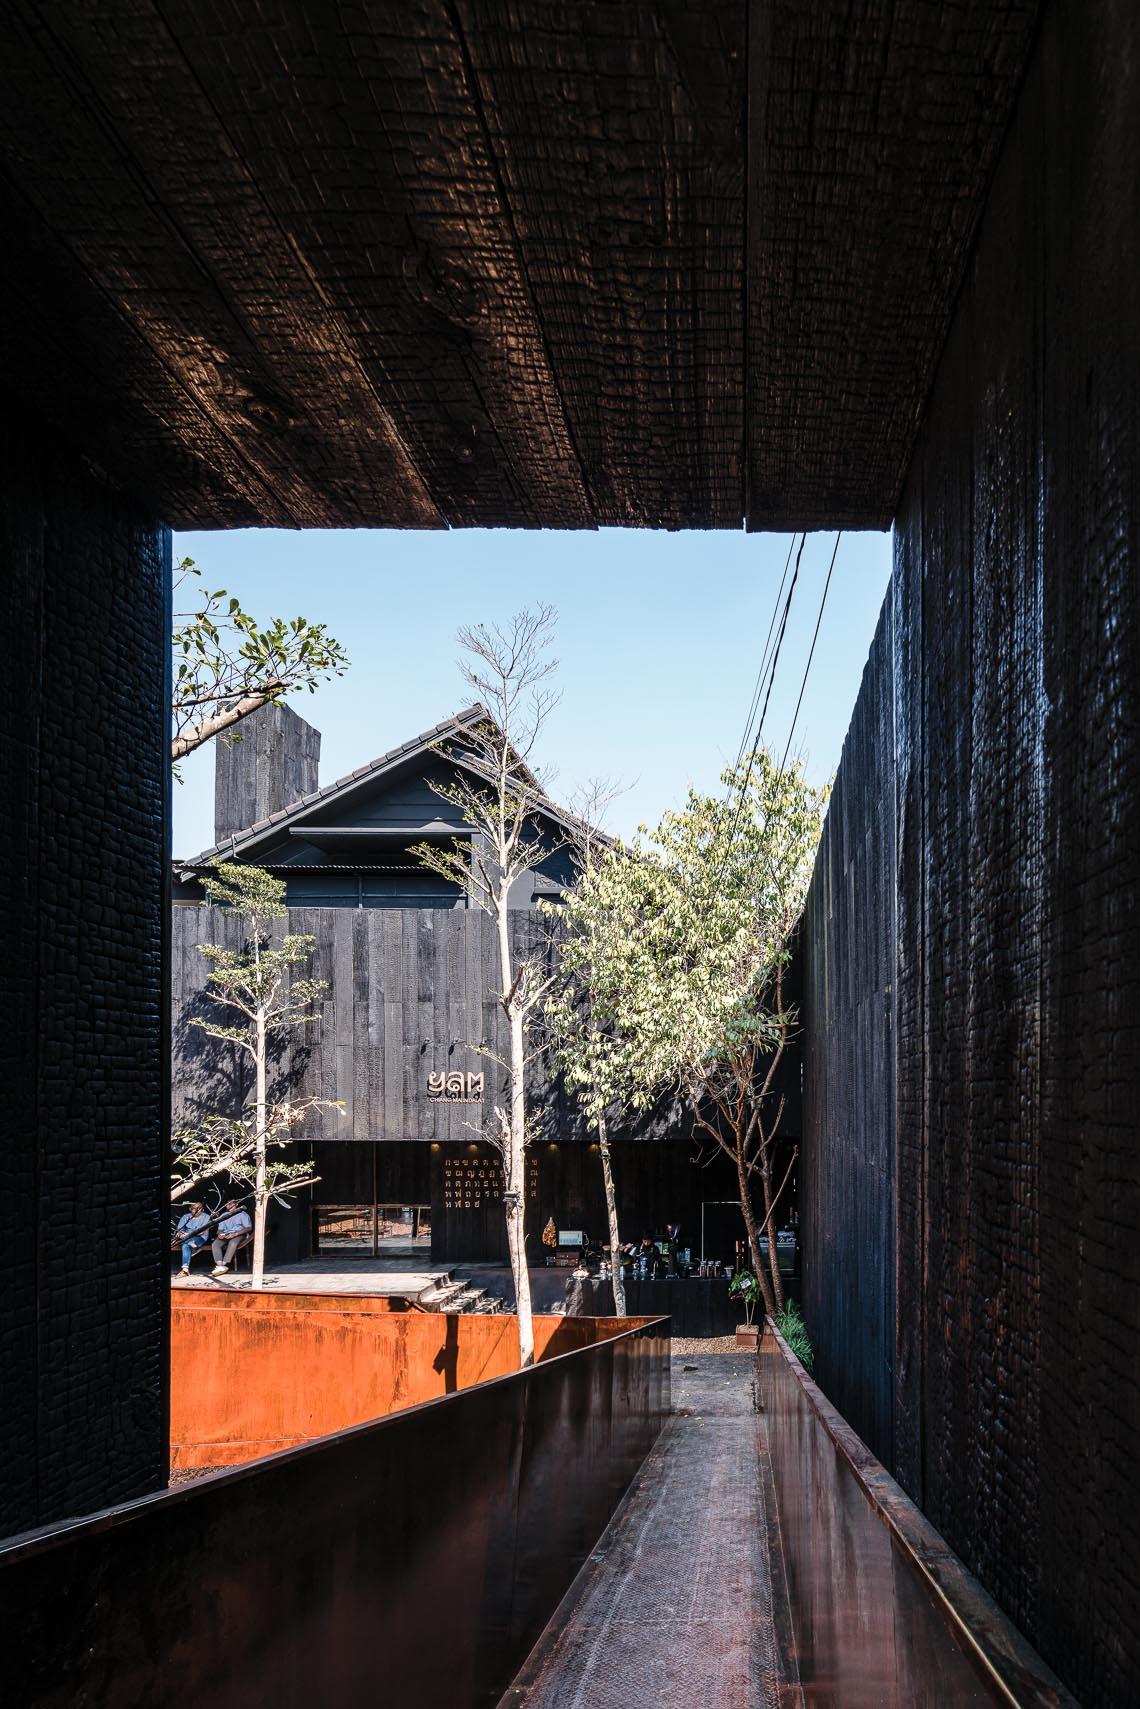 Nhà hàng Yam - Kể chuyện bằng kiến trúc-7